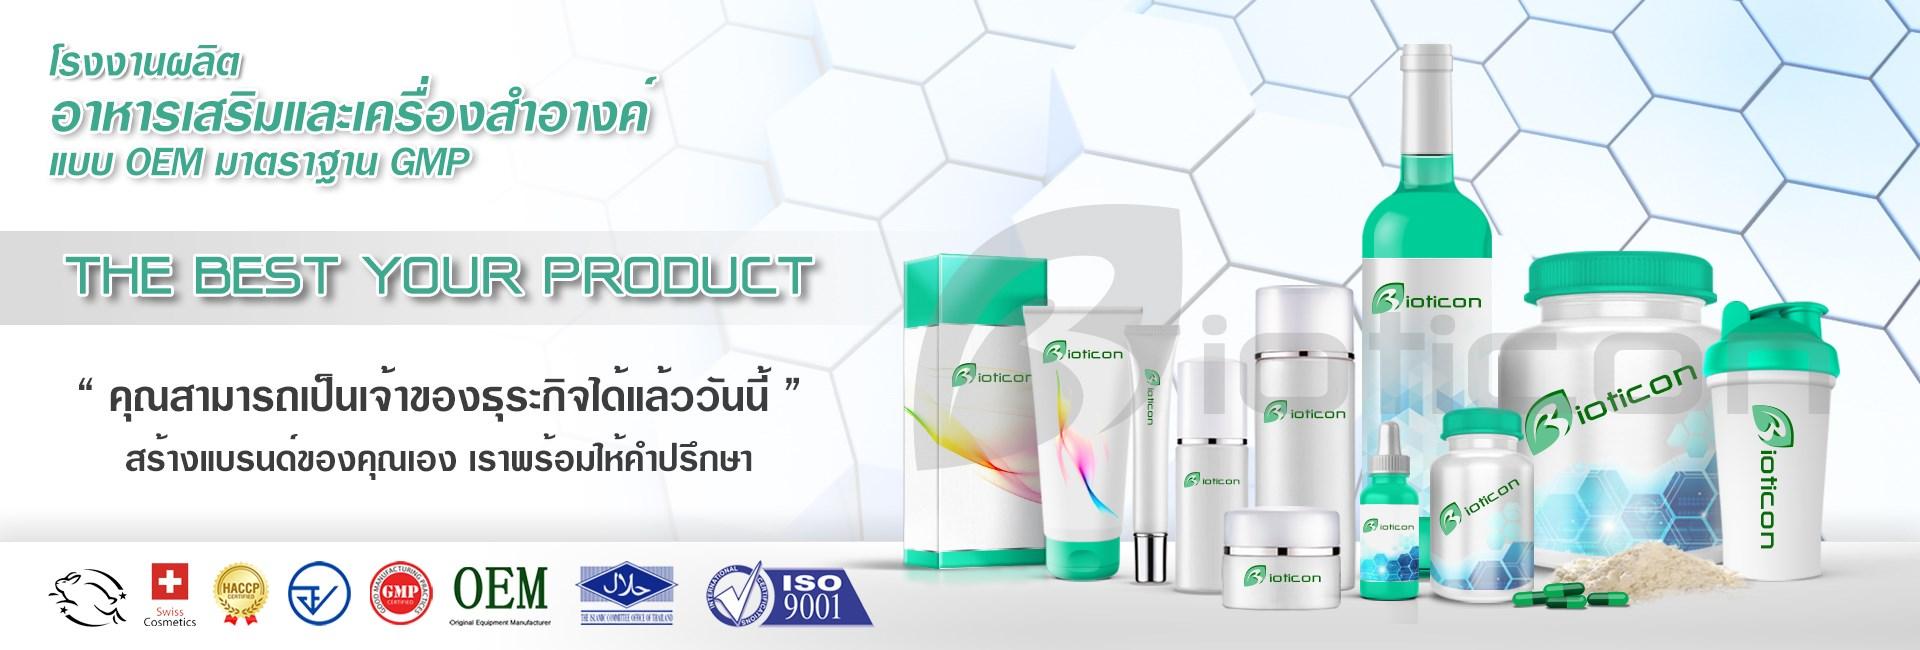 bioticon โรงงานรับผลิตยาสมุนไพร รับผลิตครีมบำรุงผิวขาว